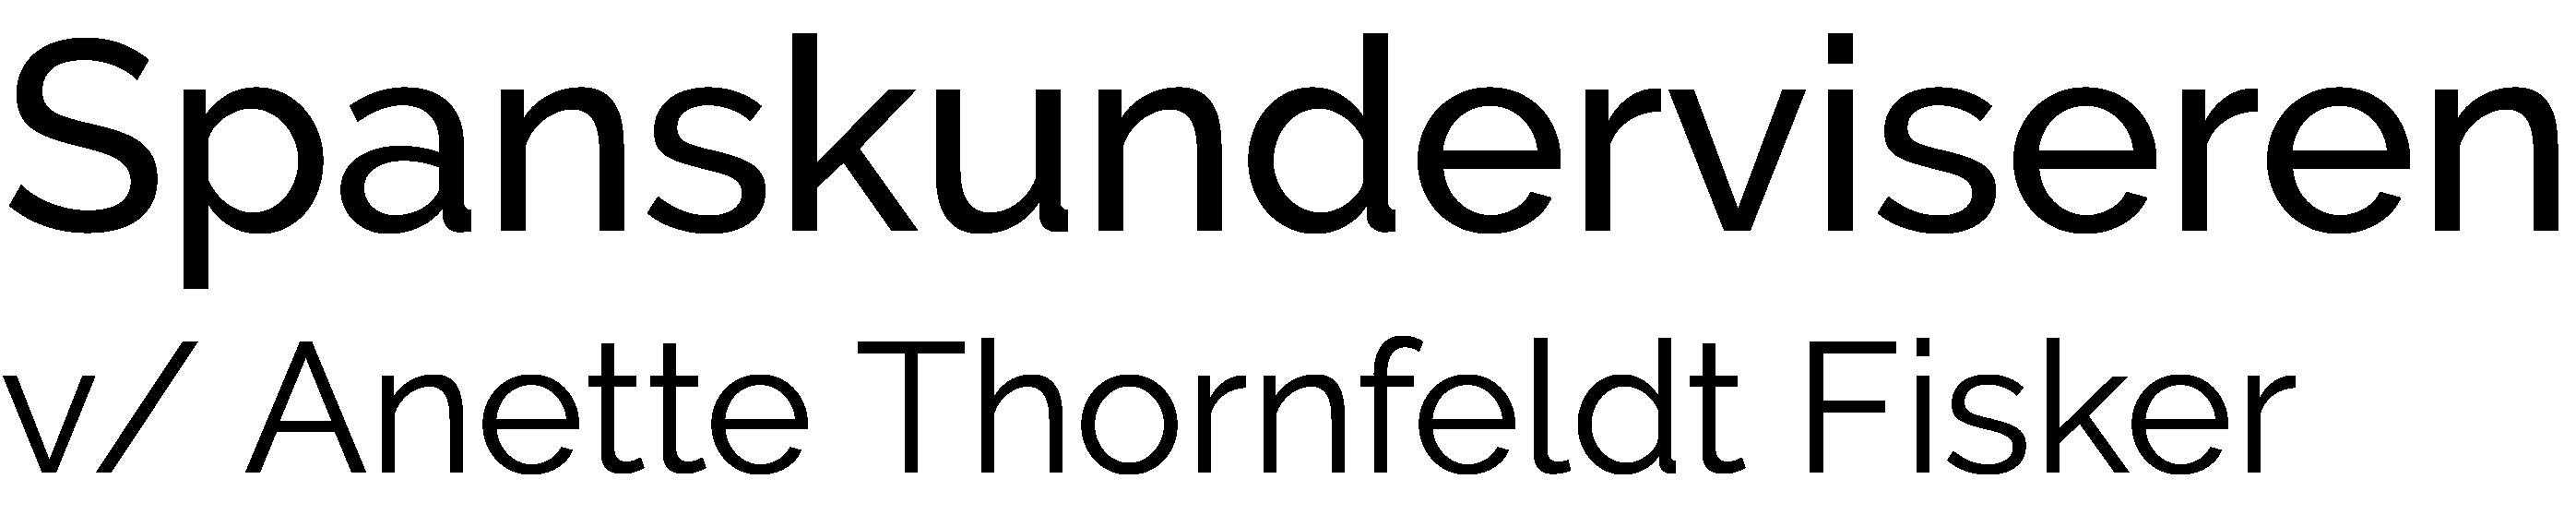 Spanskunderviseren